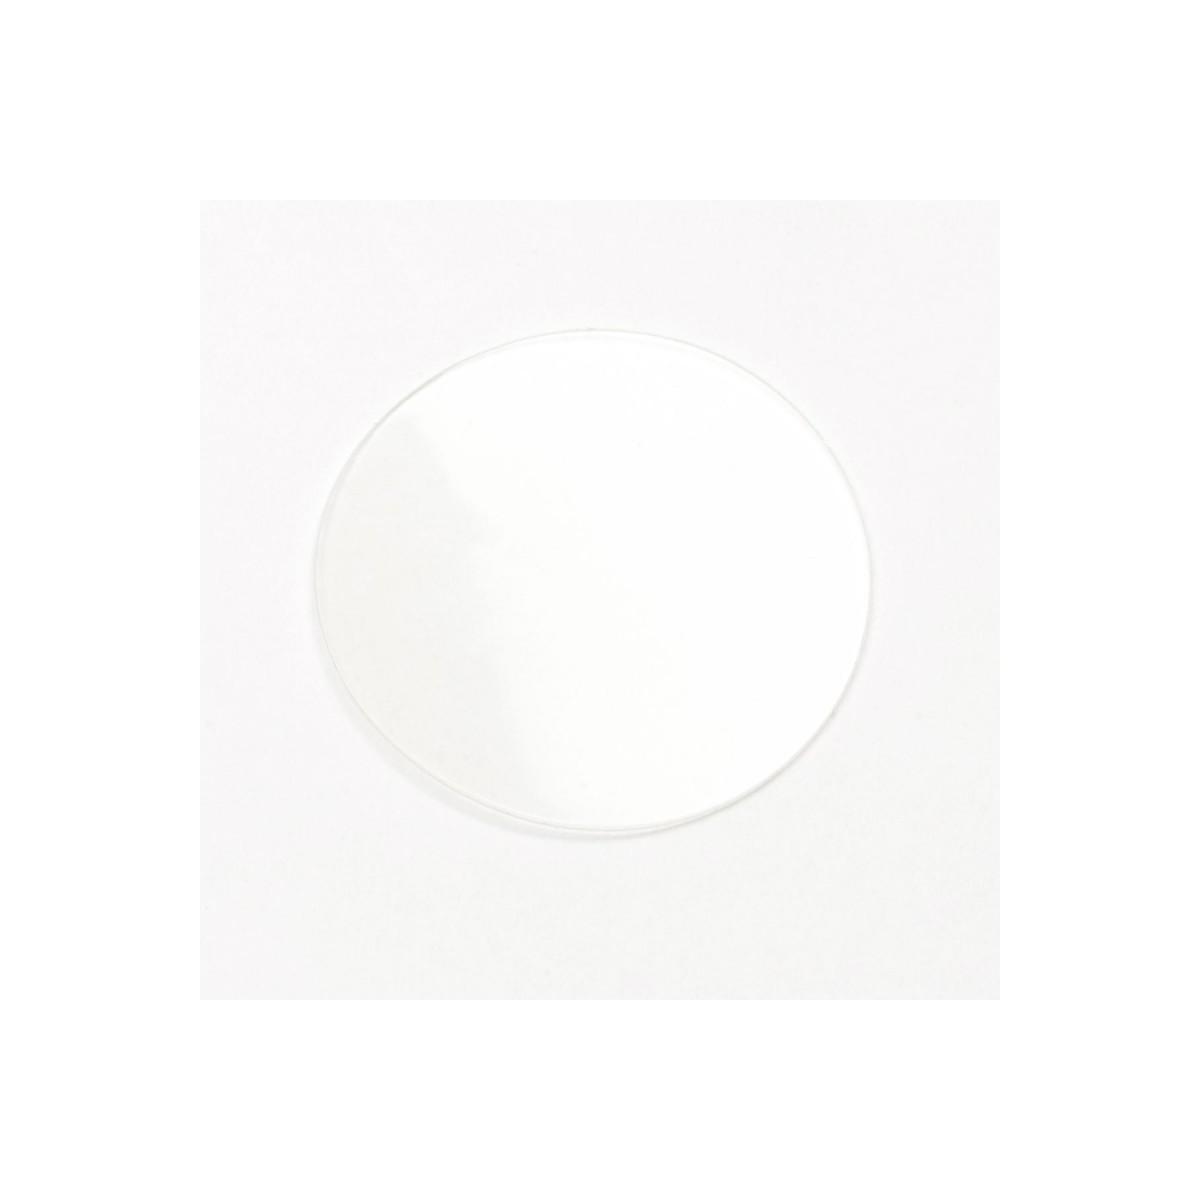 Oceanic Lens Cover Oc1 Stick On